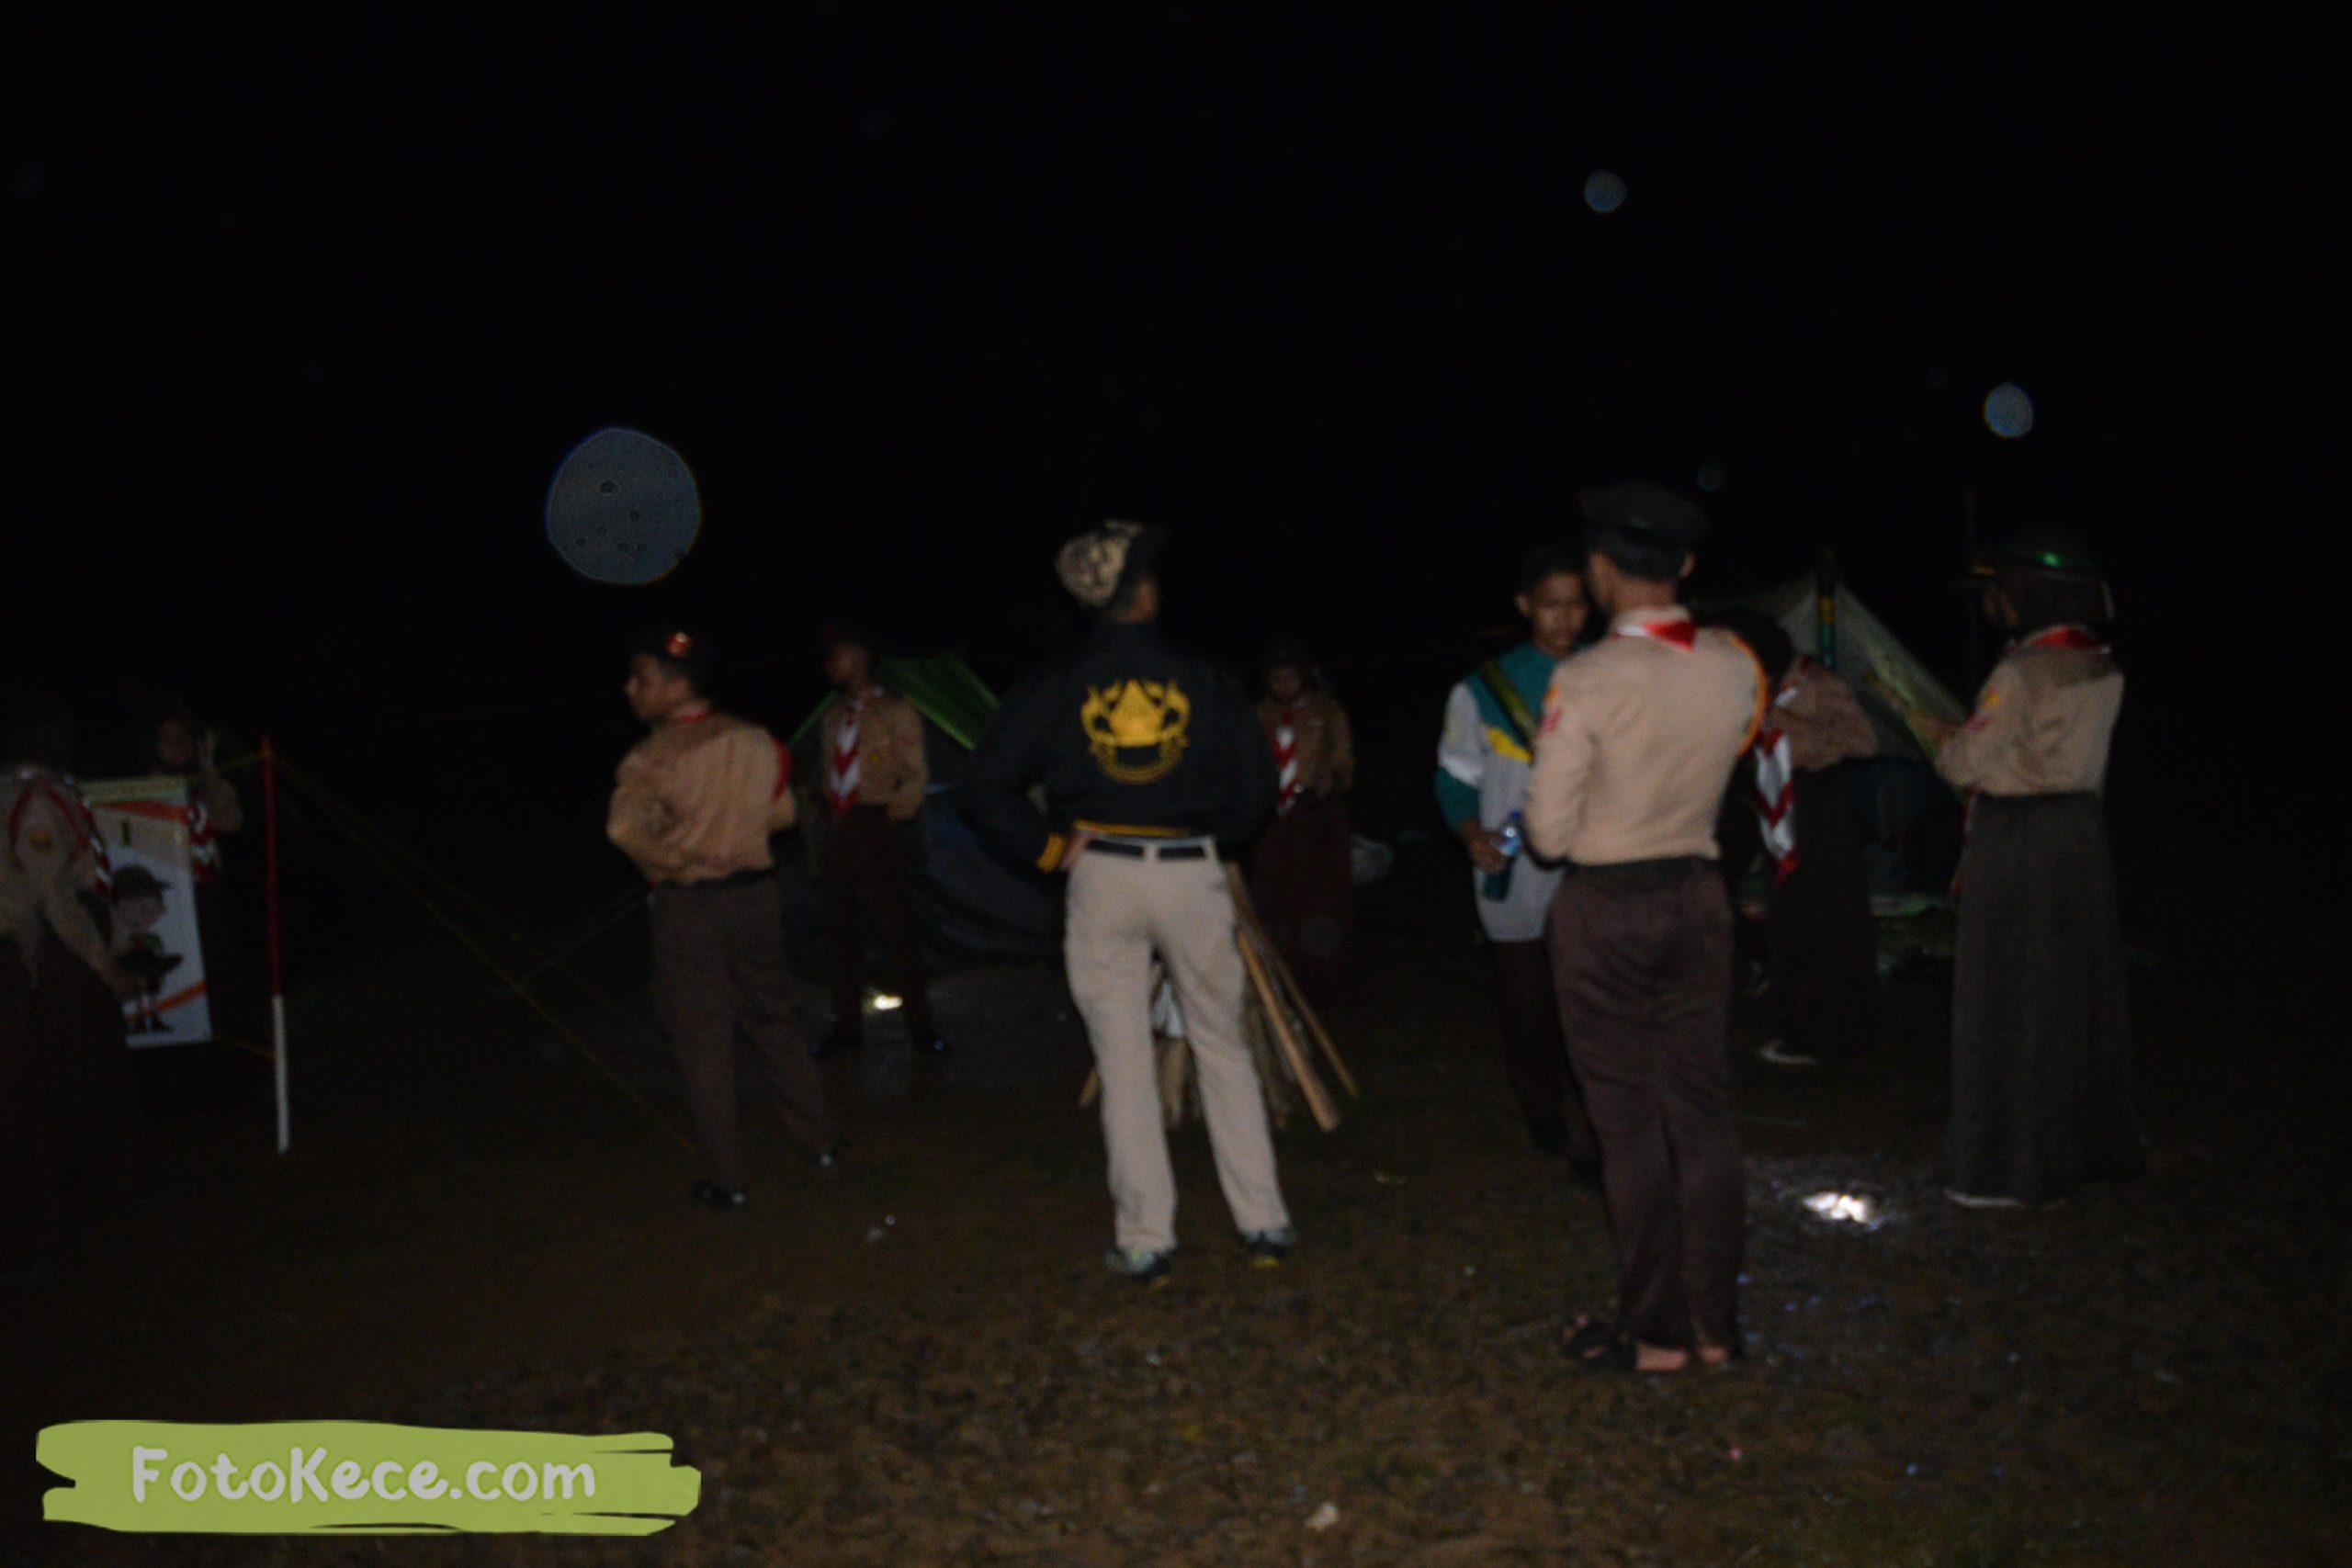 kegiatan sore malam perkemahan narakarya 1 mtsn 2 sukabumi 24 25 januari 2020 pramuka hebat puncak buluh foto kece 53 scaled